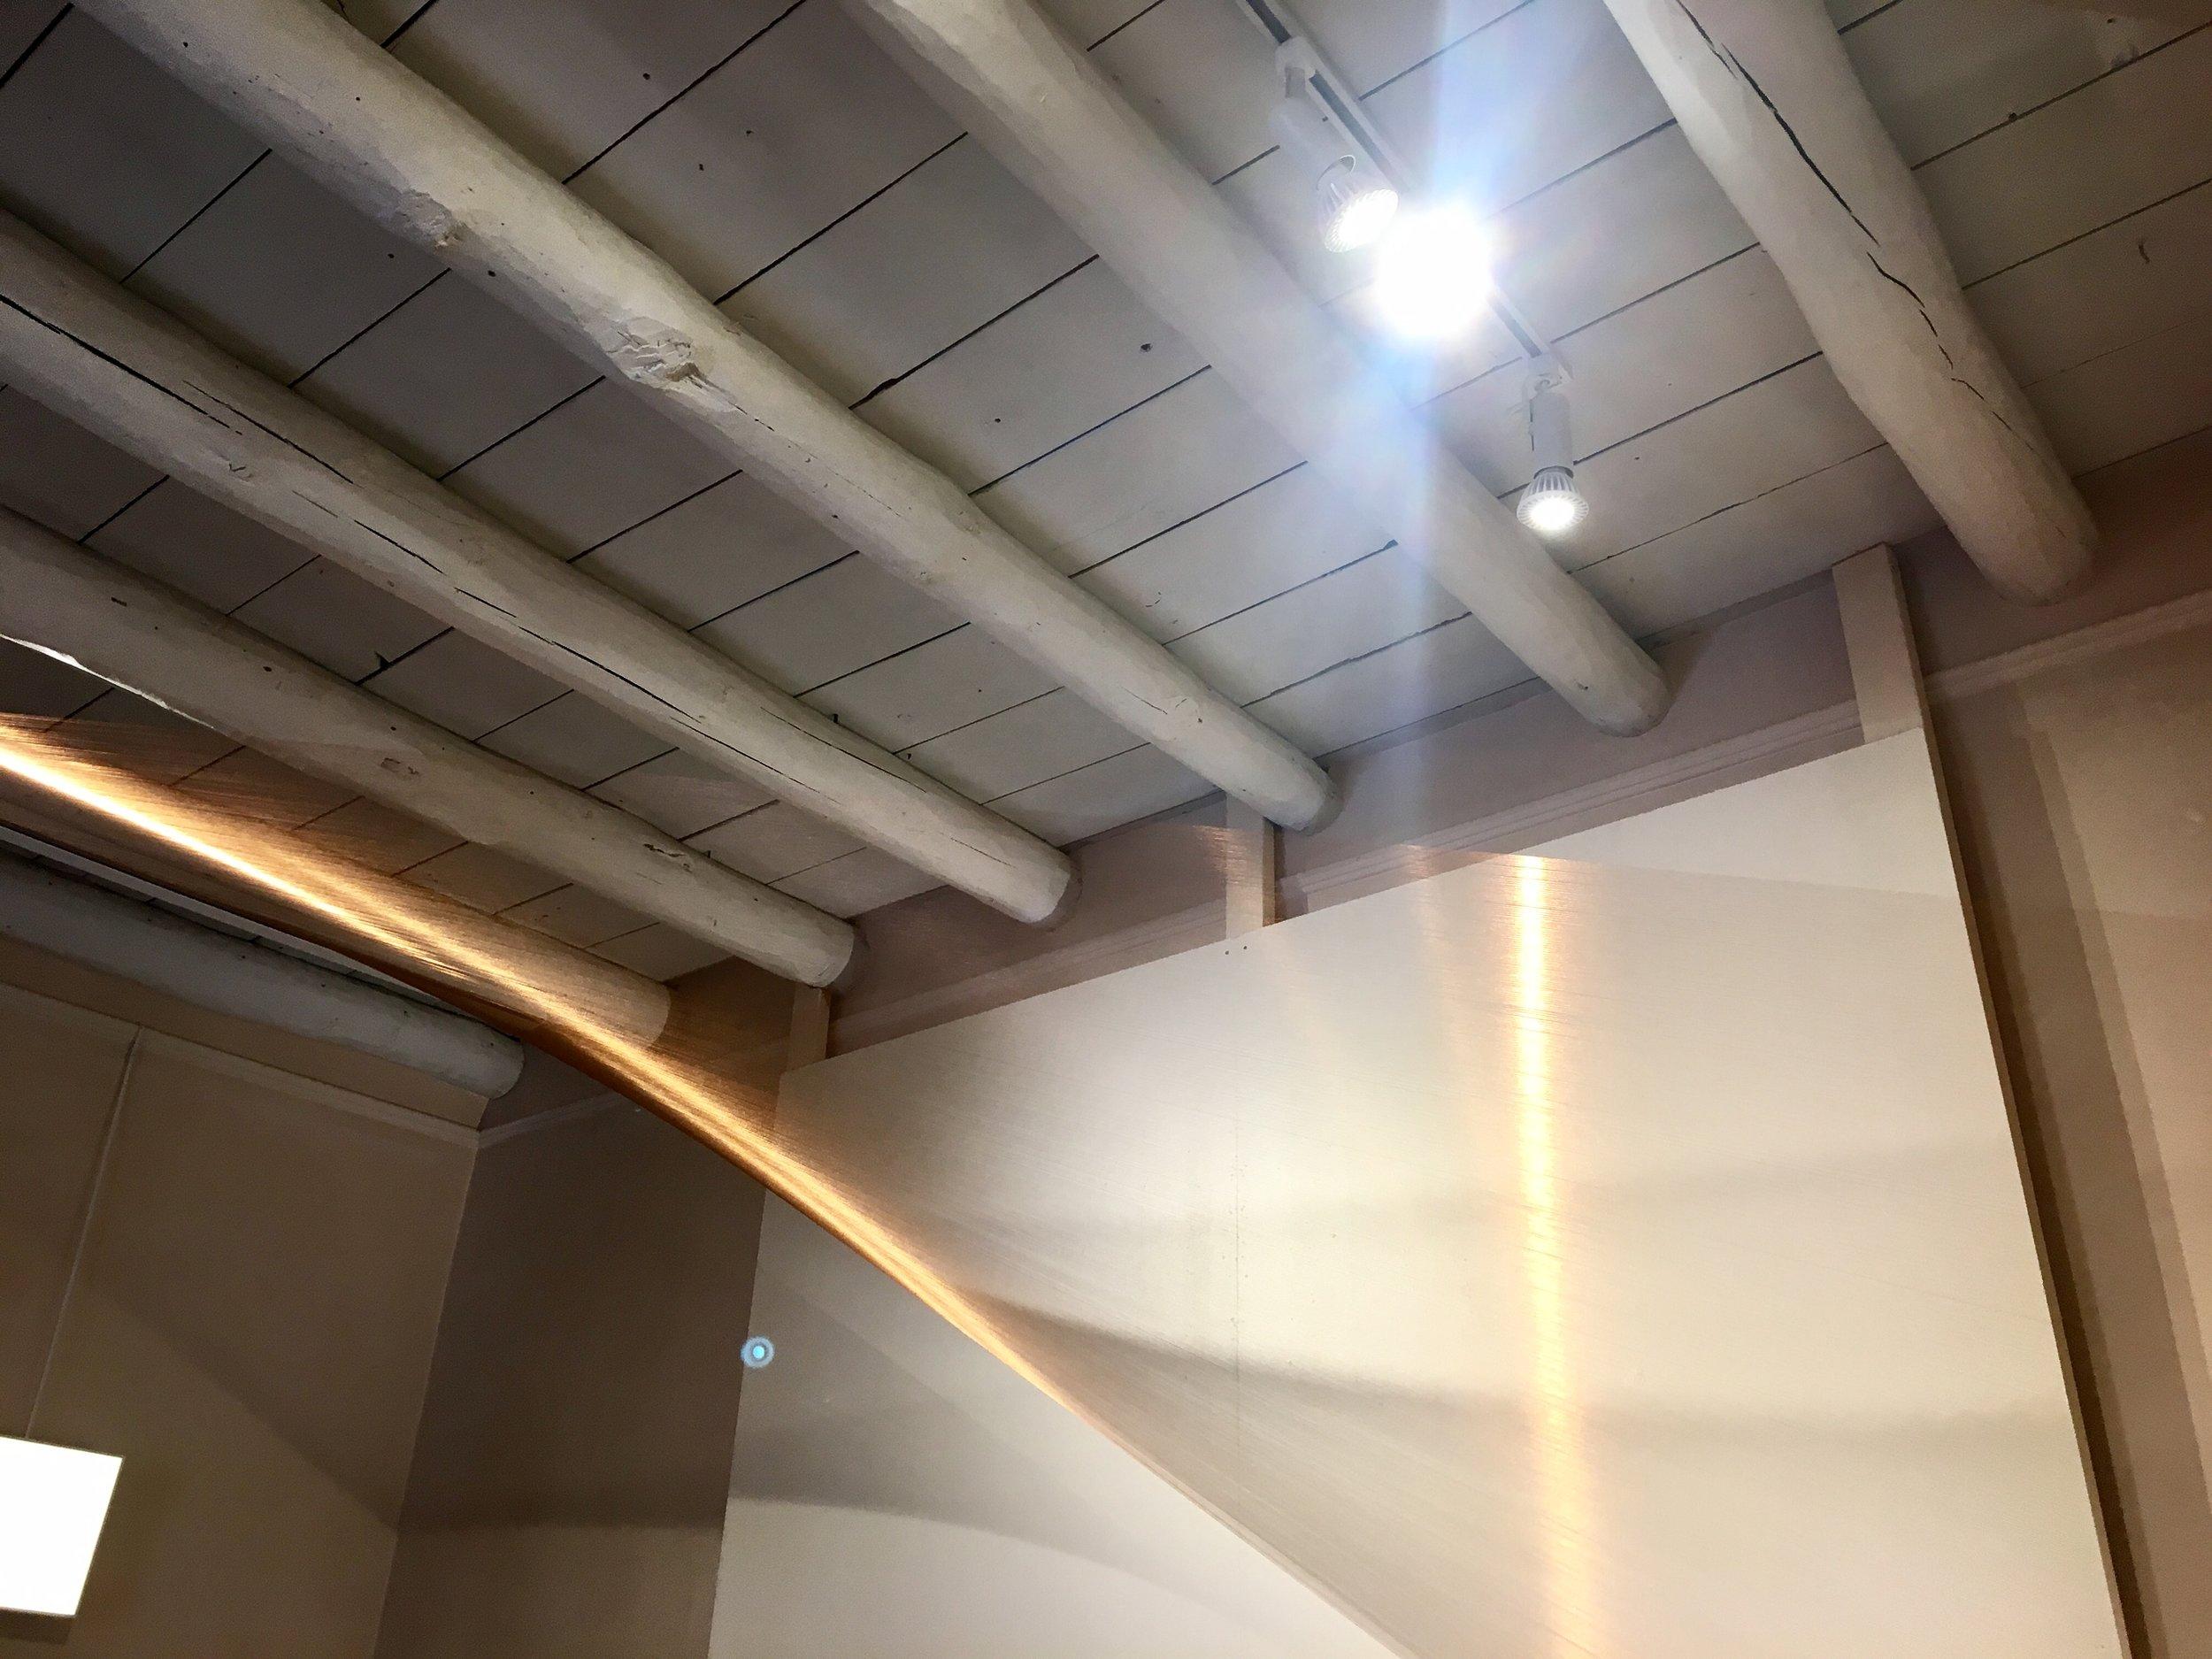 Dillo-illumination-4